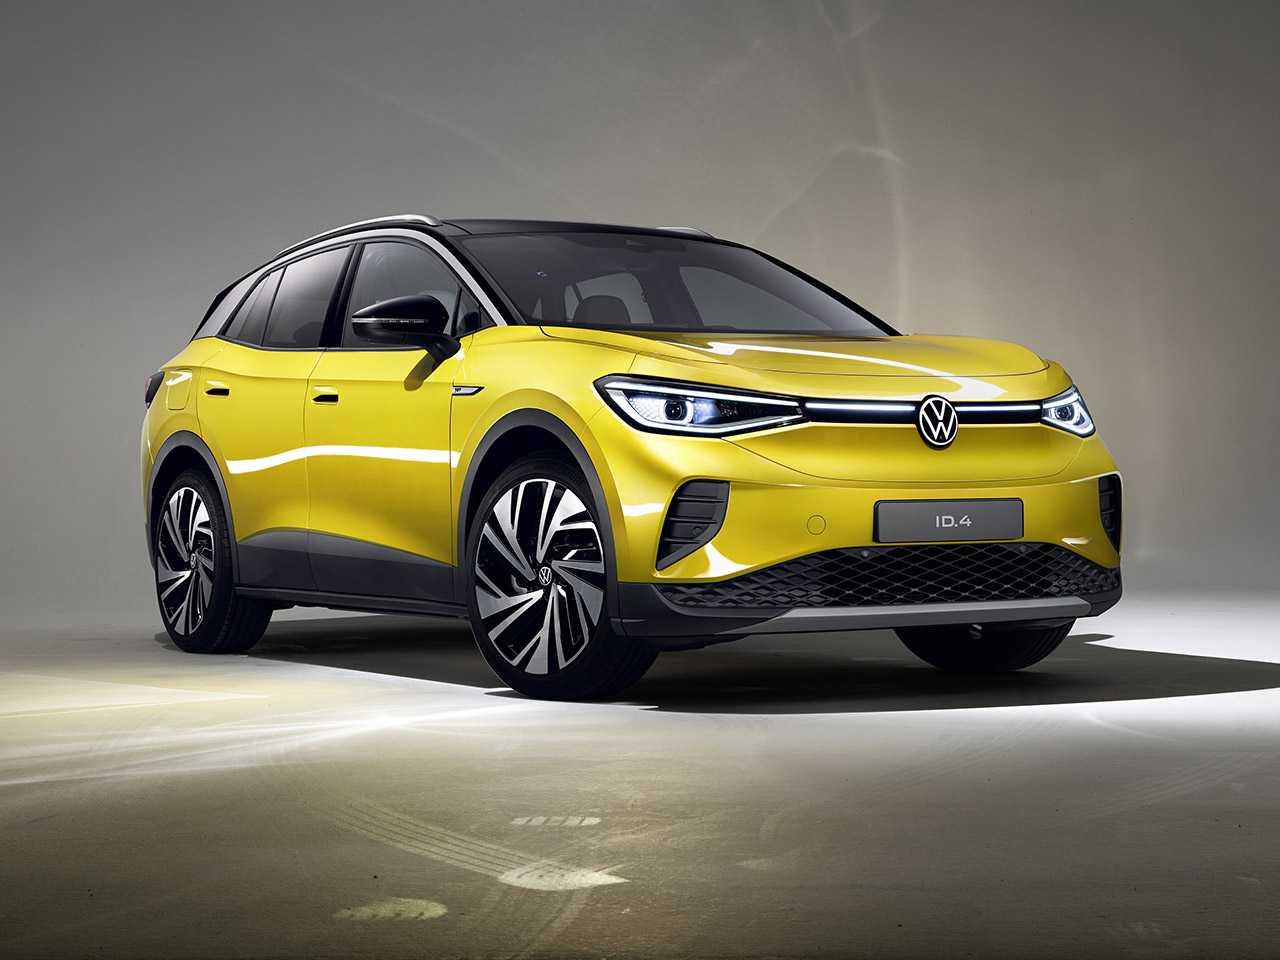 VW ID.4: elétrico foi escolhido o melhor carro do mundo em 2021